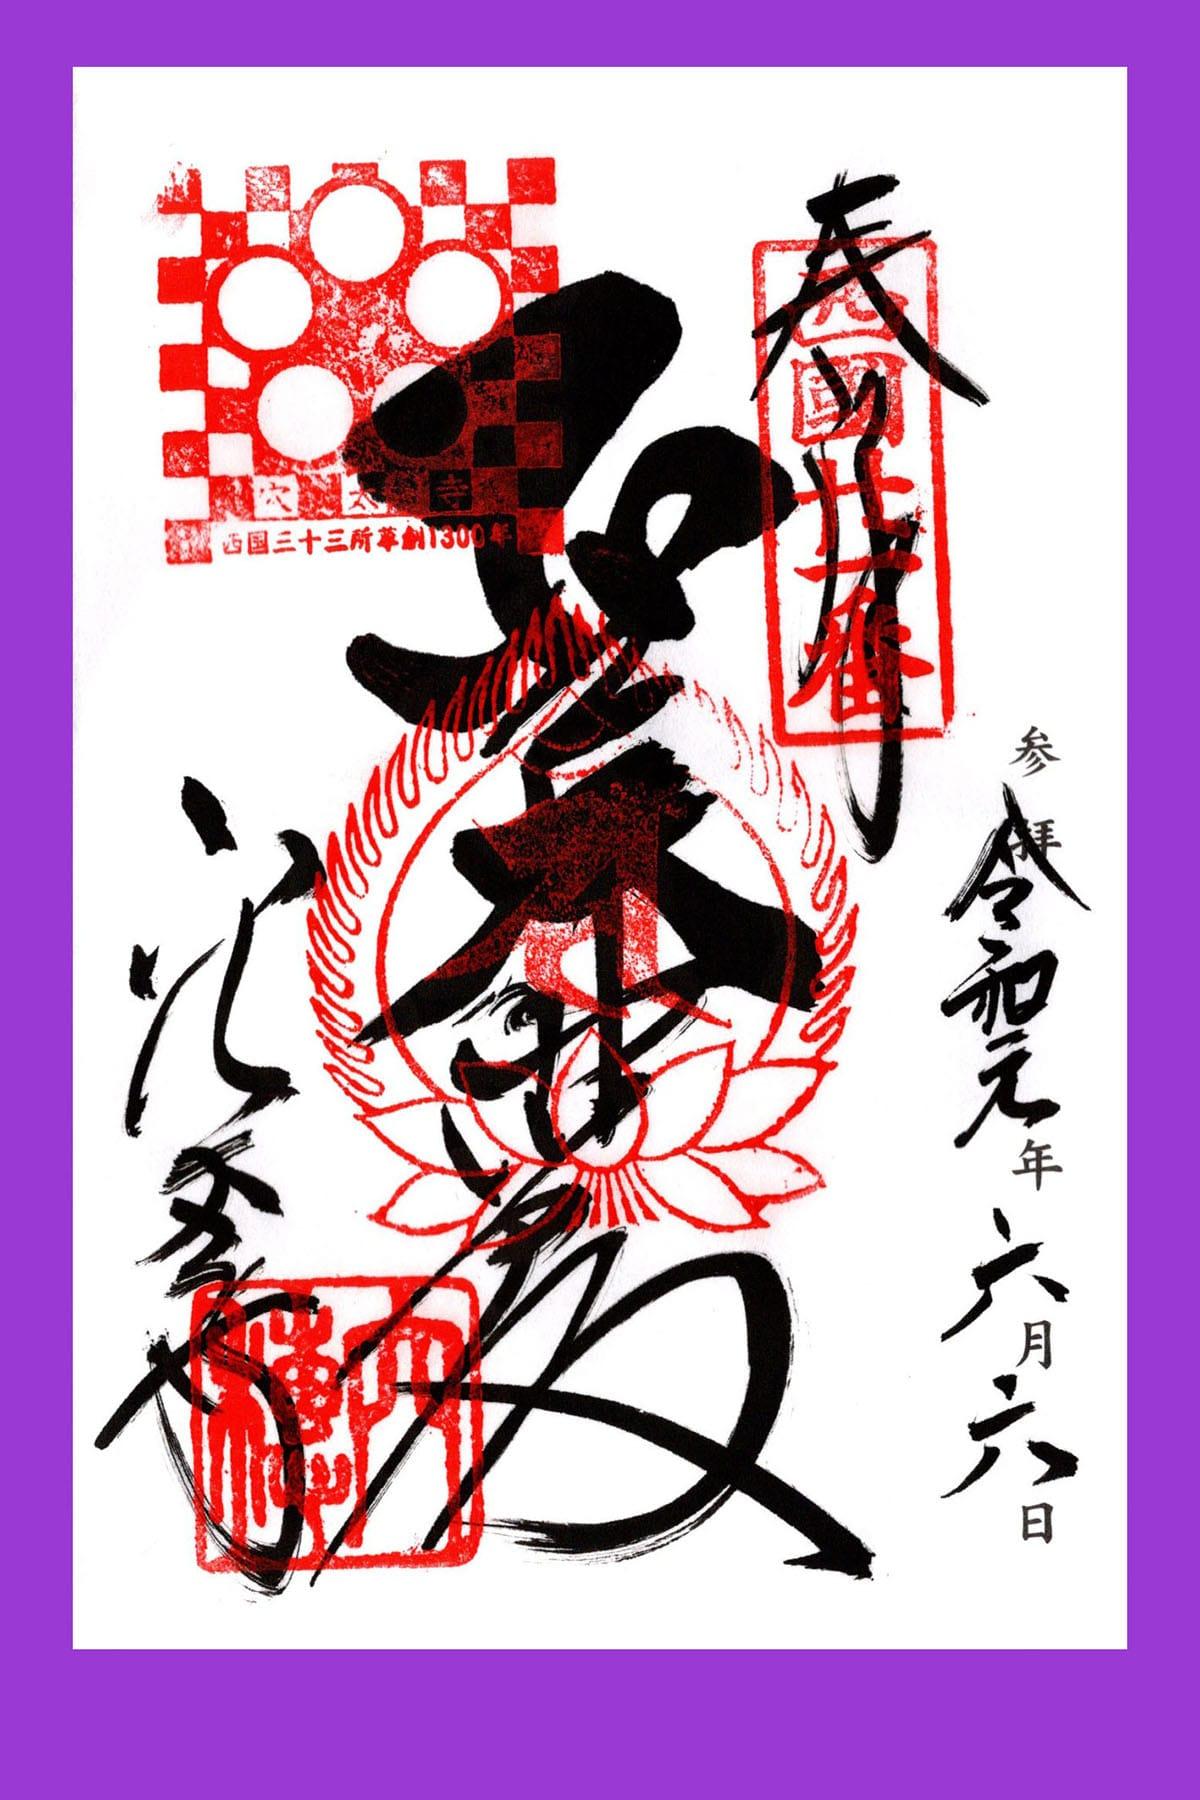 西国札所 第21番【菩提山・穴太寺】 | フォトさいたま